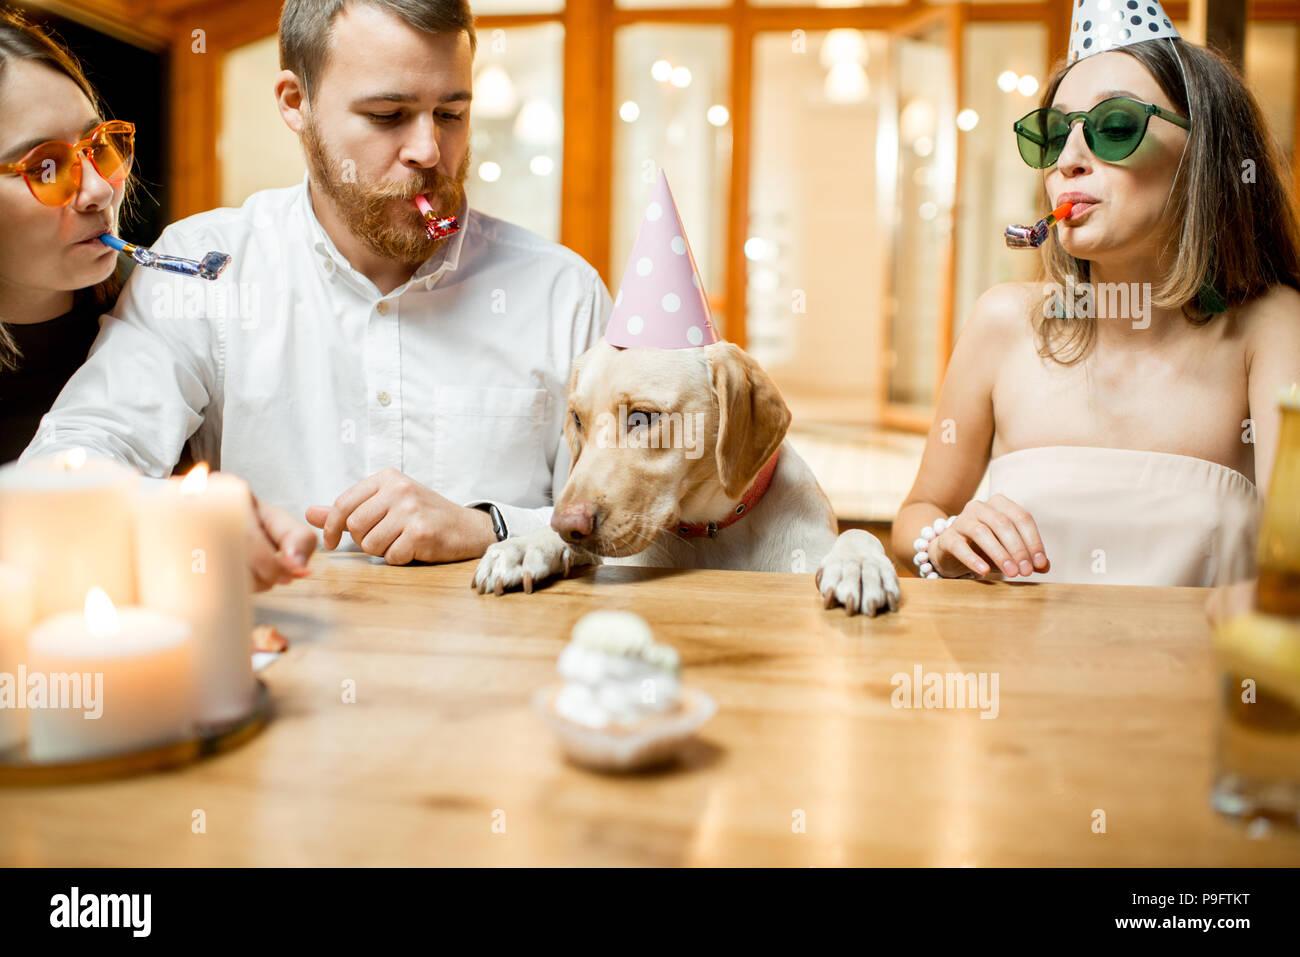 Freunde feiern Geburtstag des Hundes Stockbild